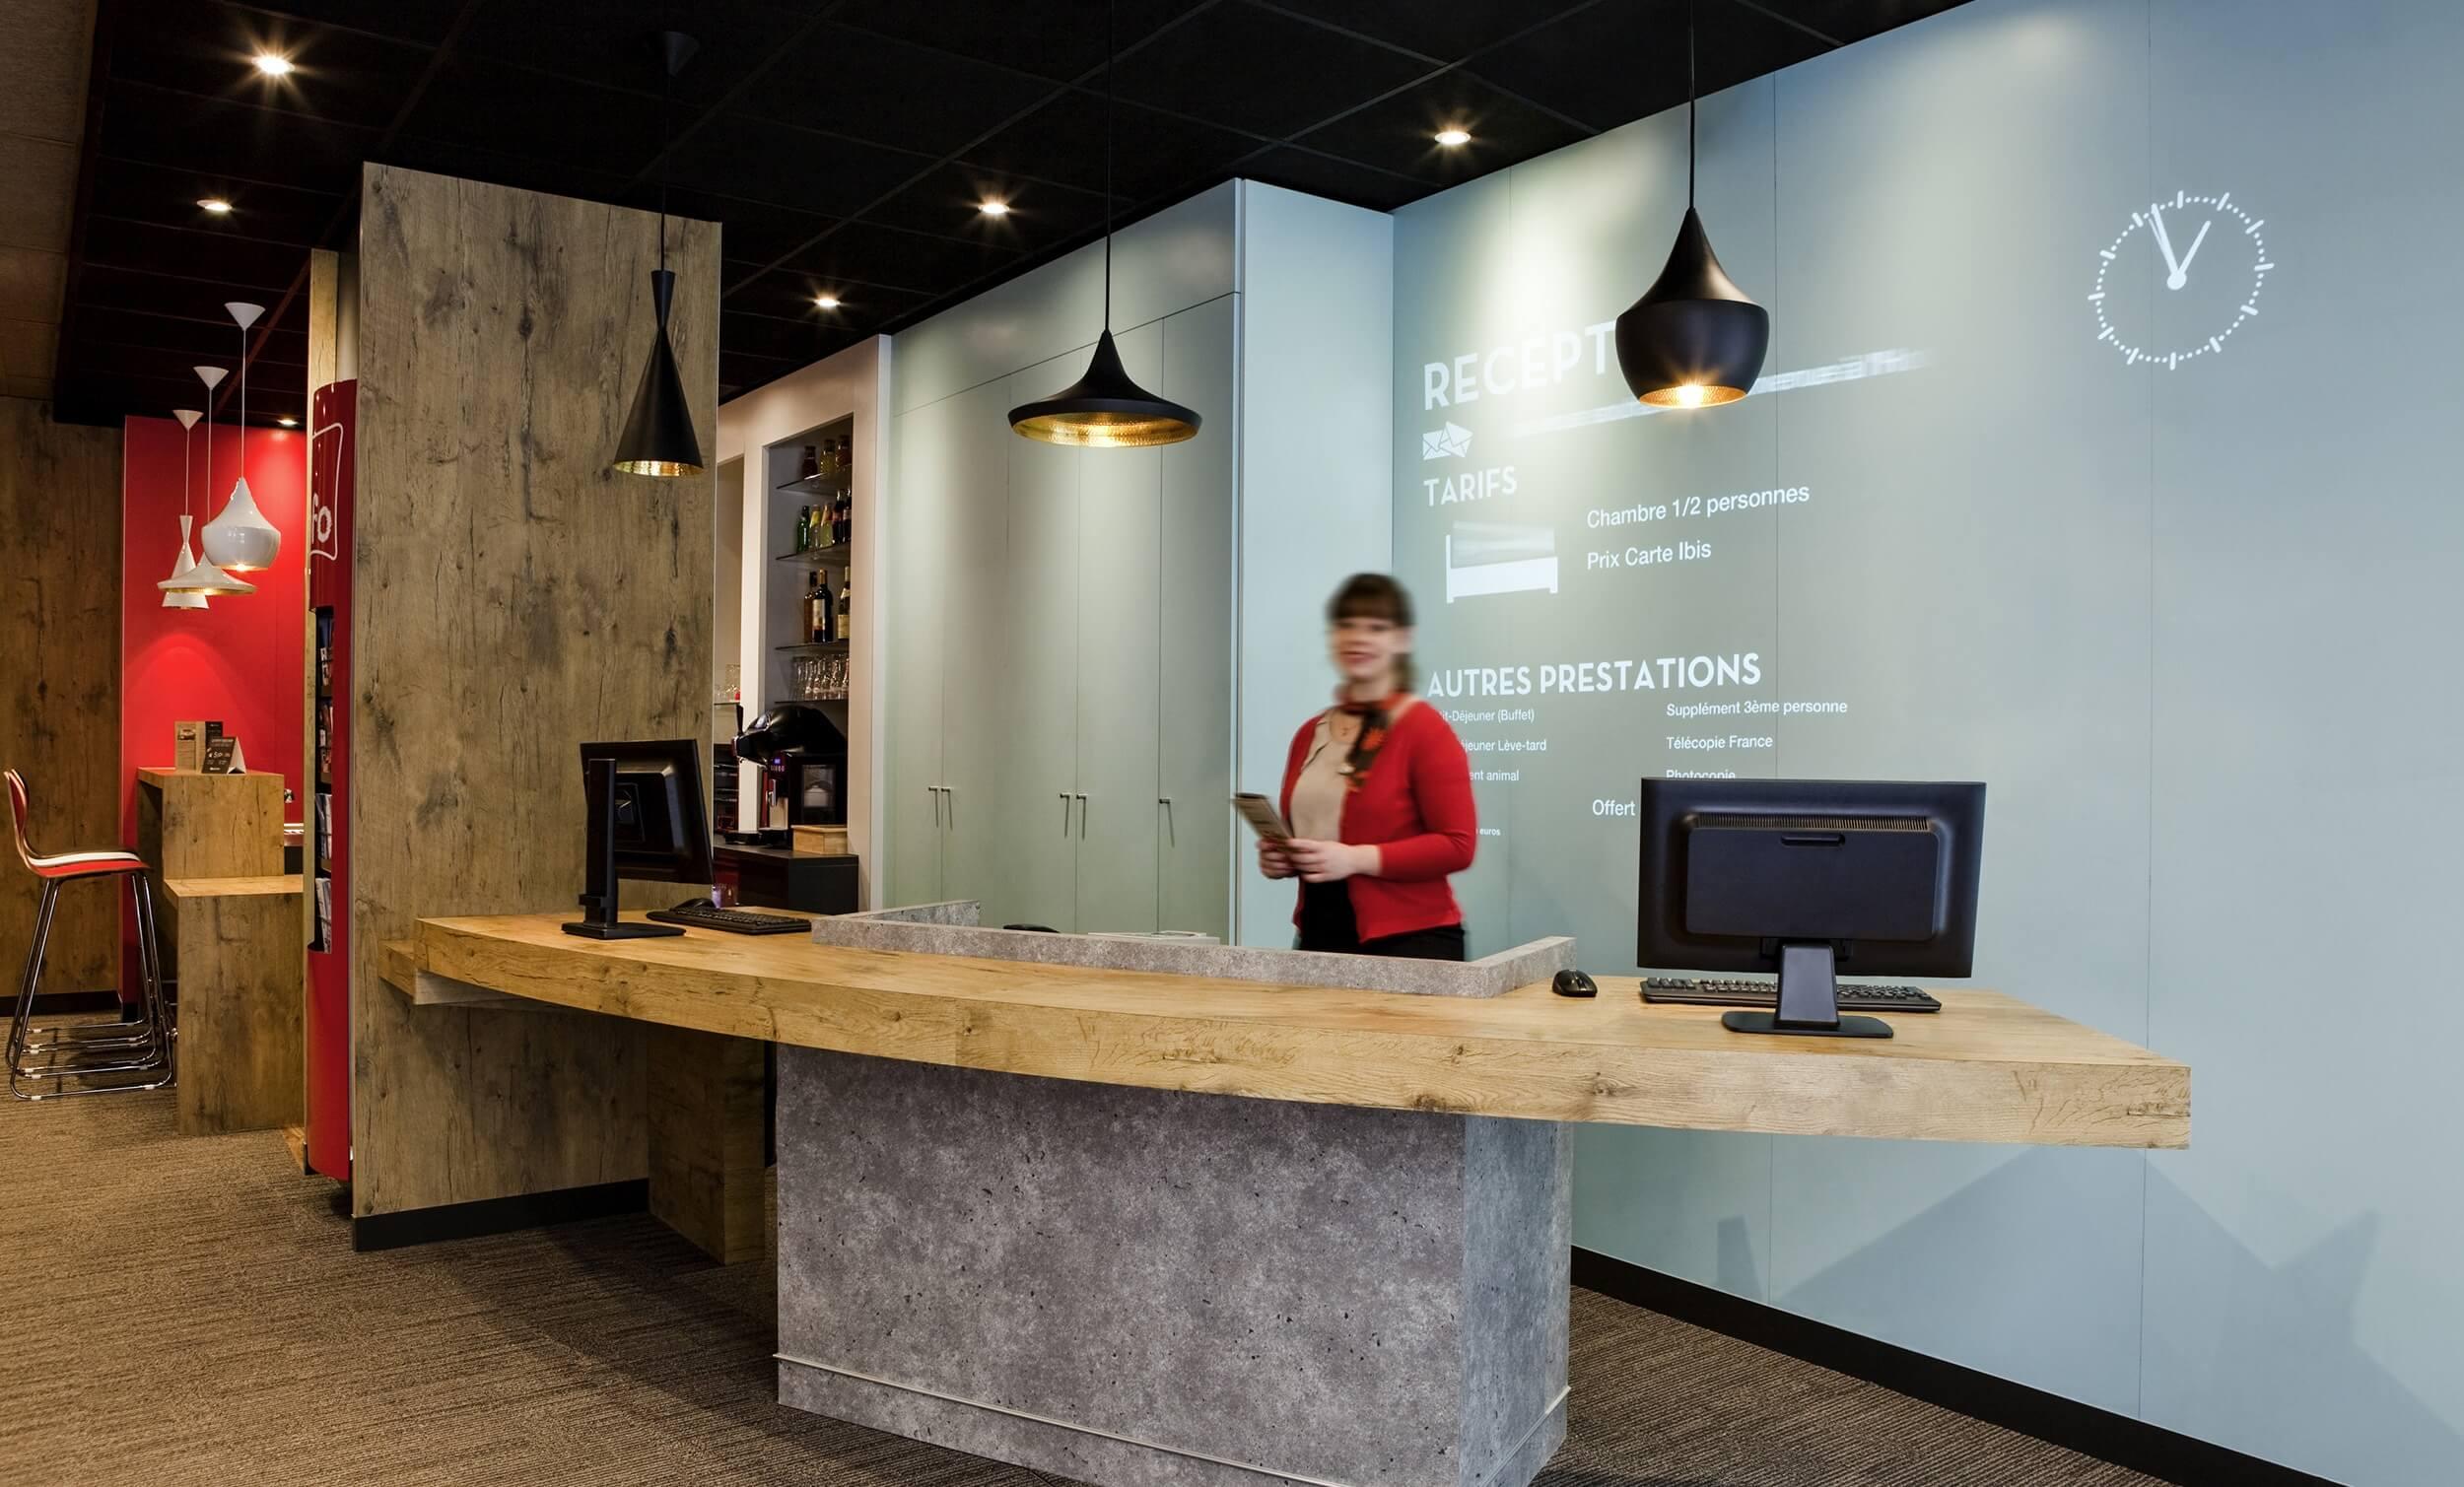 bienvenue sur ibis paris gare de l 39 est ibis paris gare de l 39 est. Black Bedroom Furniture Sets. Home Design Ideas